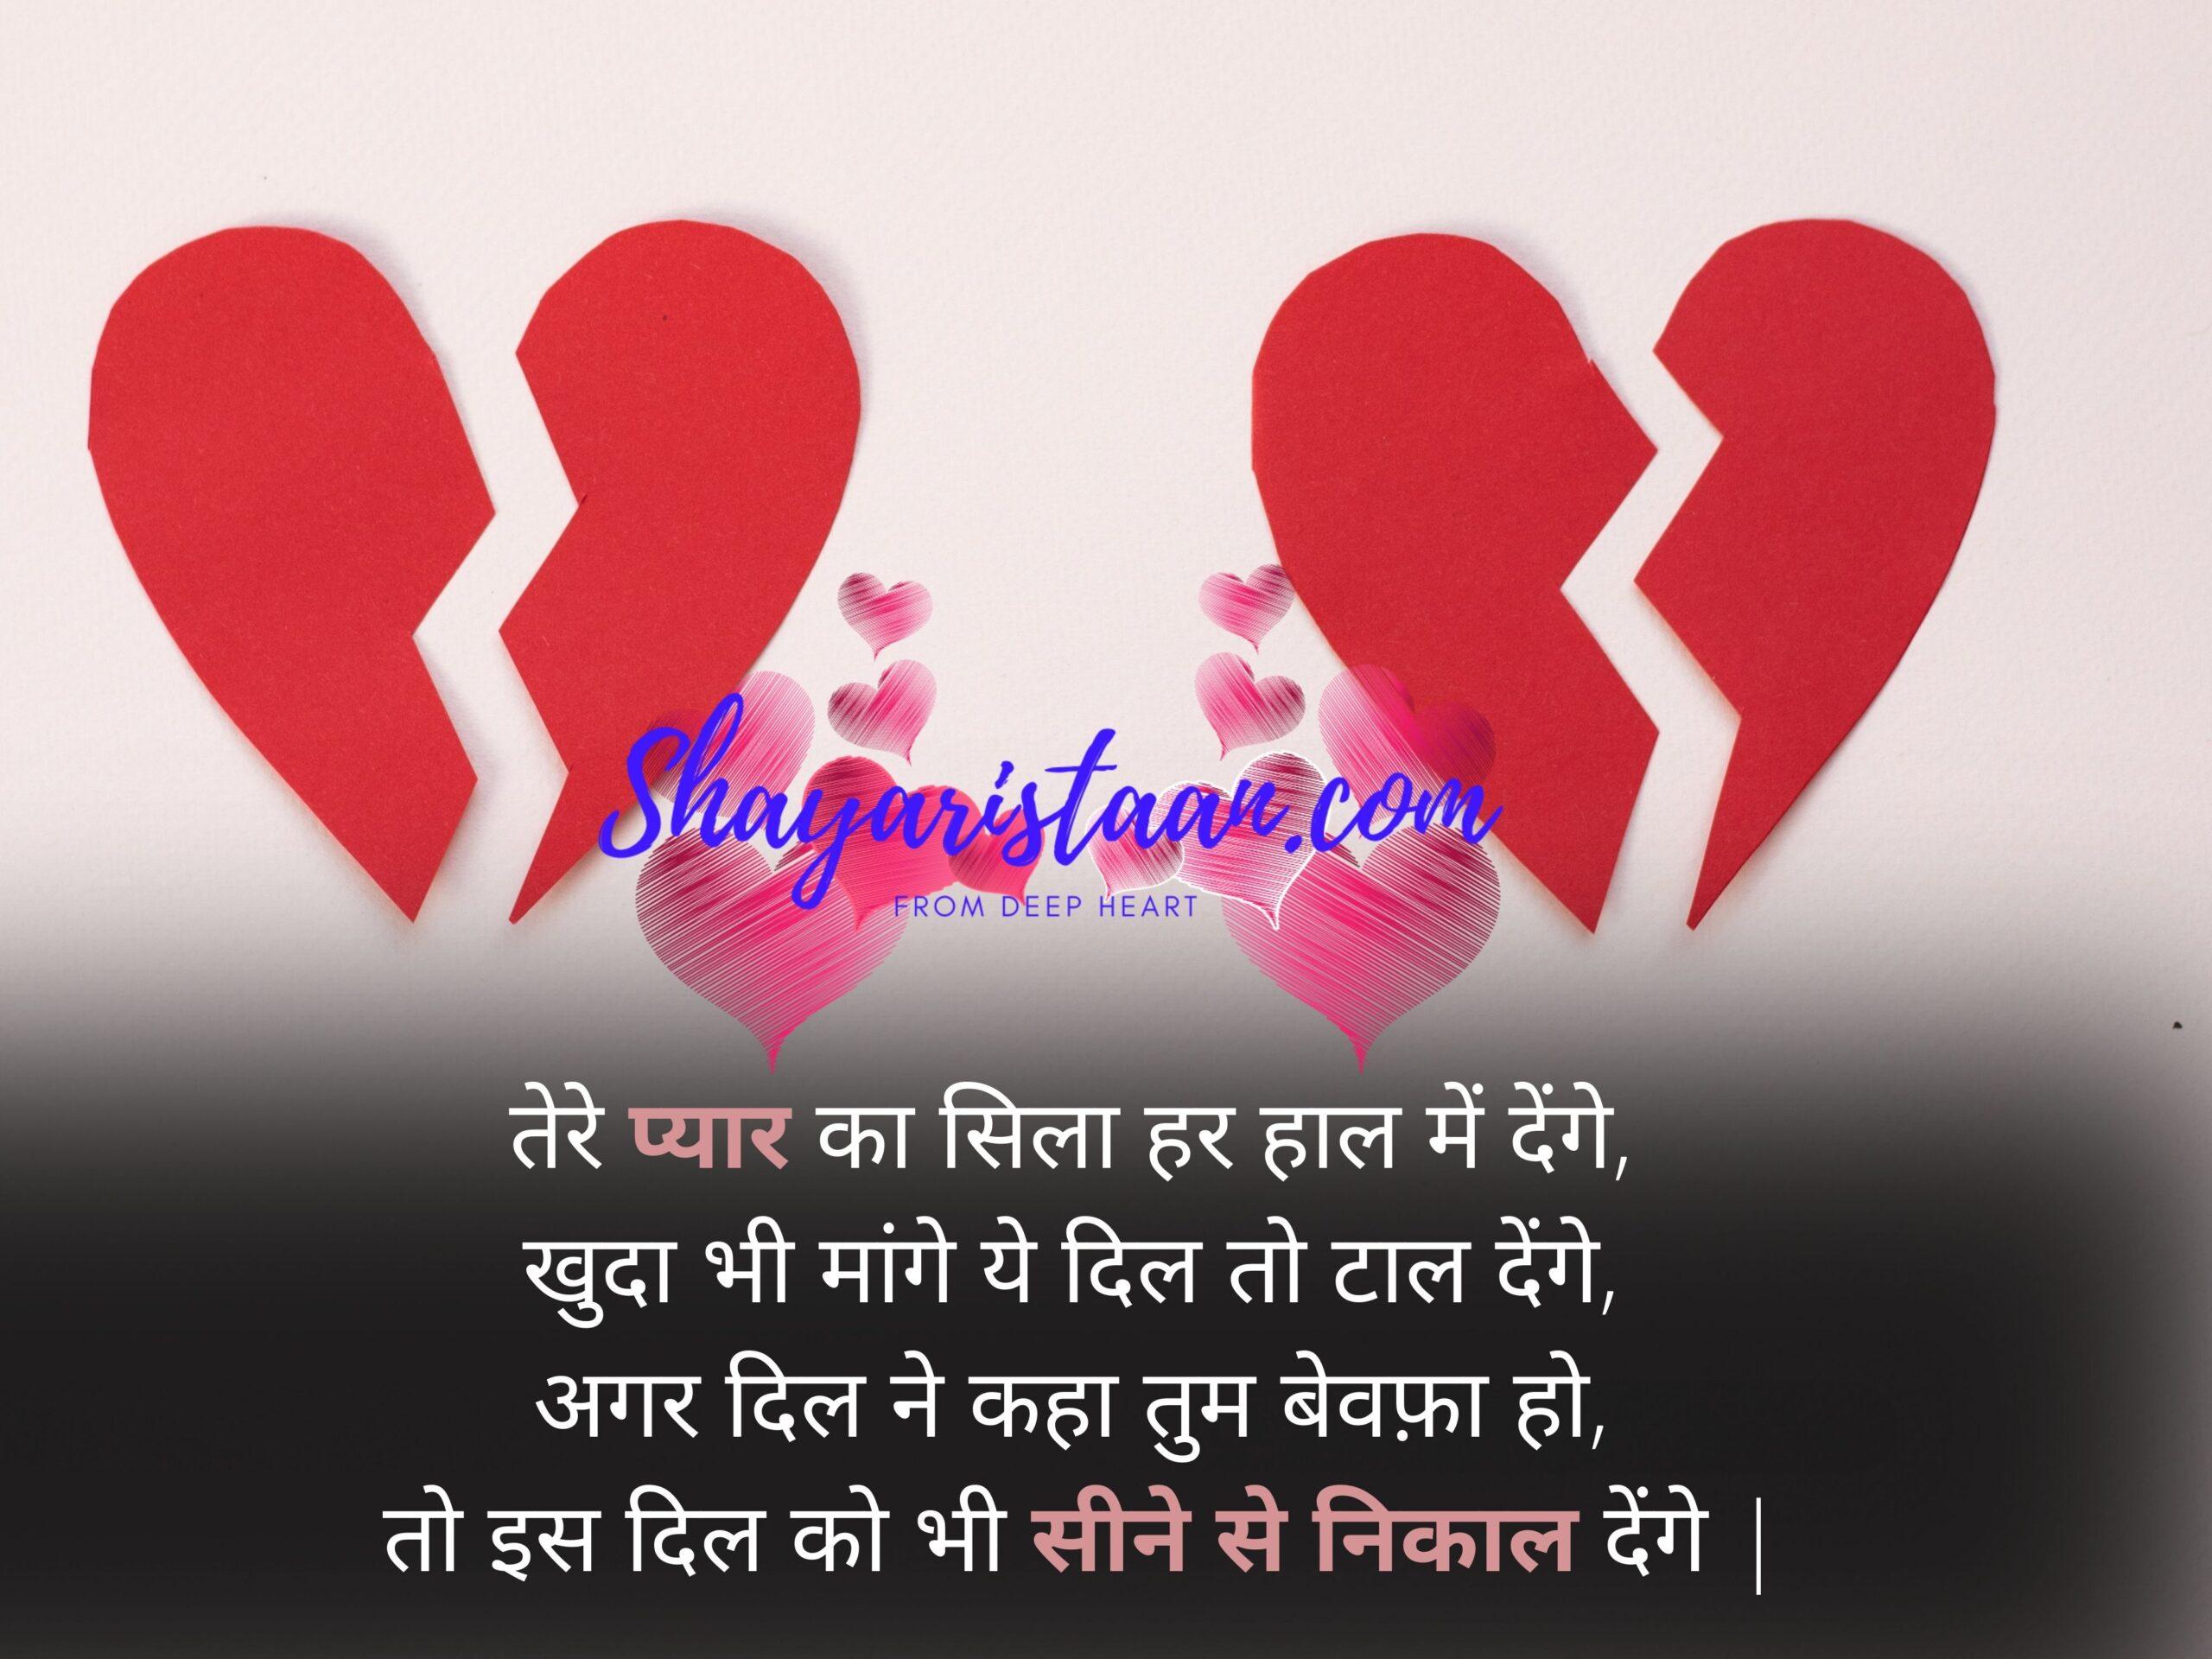 bewafa sms | तेरे प्यार का सिला हर हाल में देंगे,  खुदा भी मांगे ये दिल तो टाल देंगे,  अगर दिल ने कहा तुम बेवफ़ा हो,  तो इस दिल को भी सीने से निकाल देंगे |